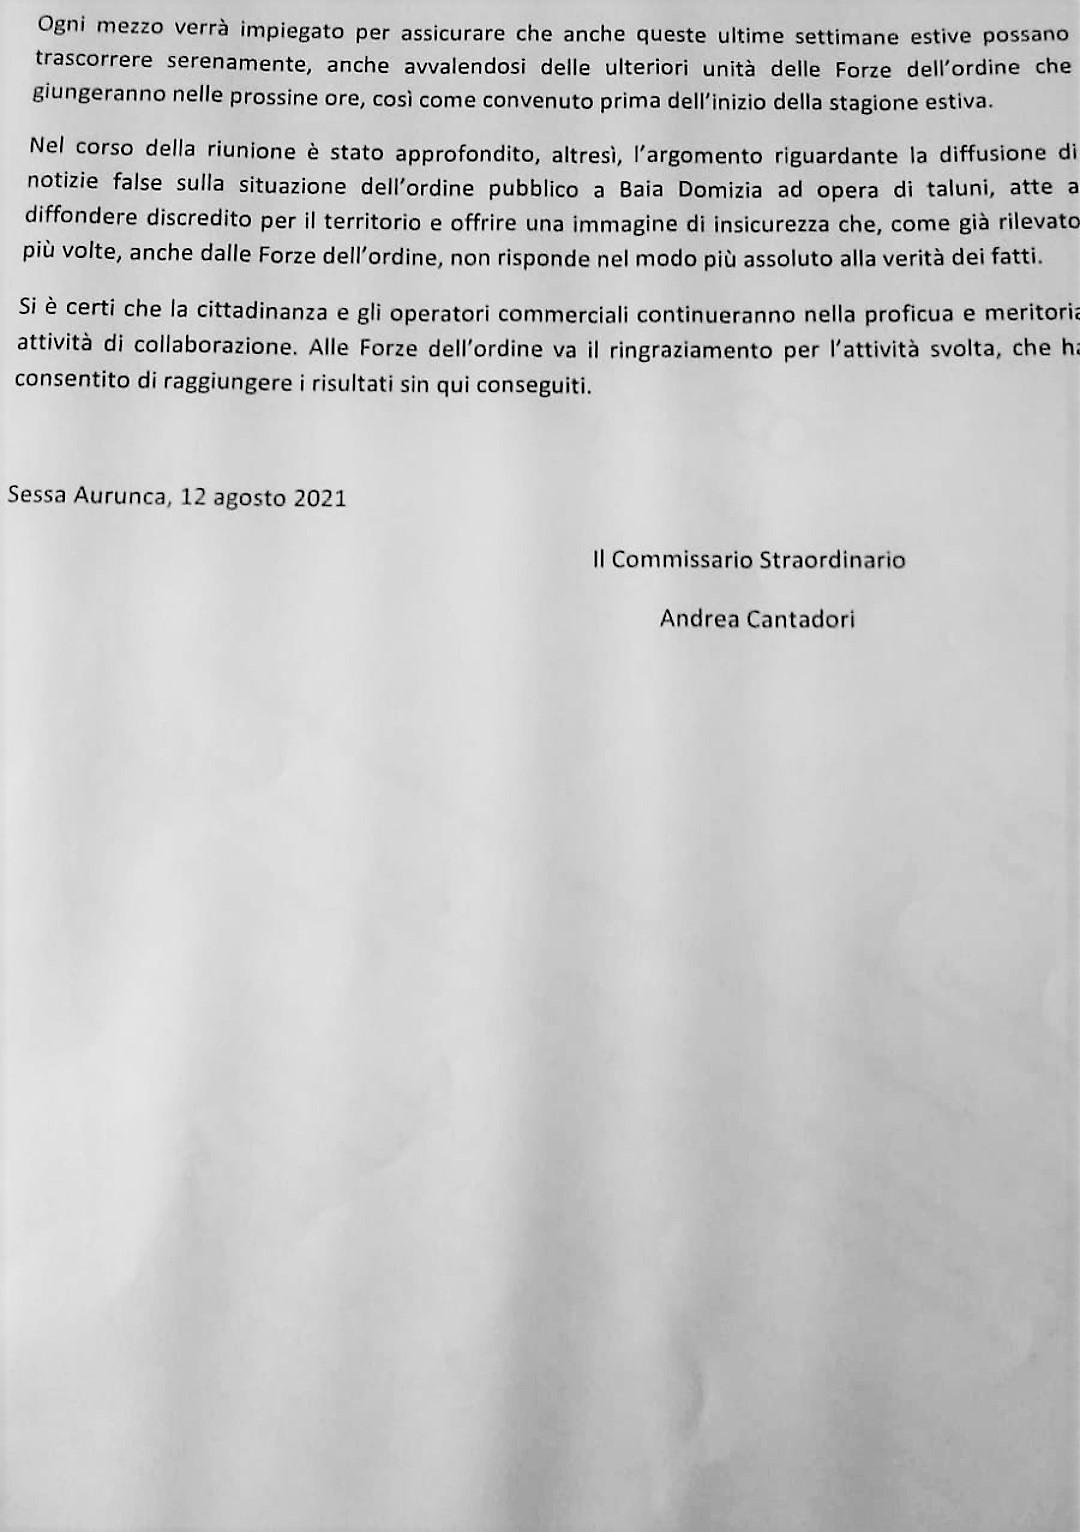 IMG 20210812 180504 SI RIUNISCE IL COMITATO ORDINE E SICURIZZA: RIDUZIONE DEI REATI A SESSA E BAIA